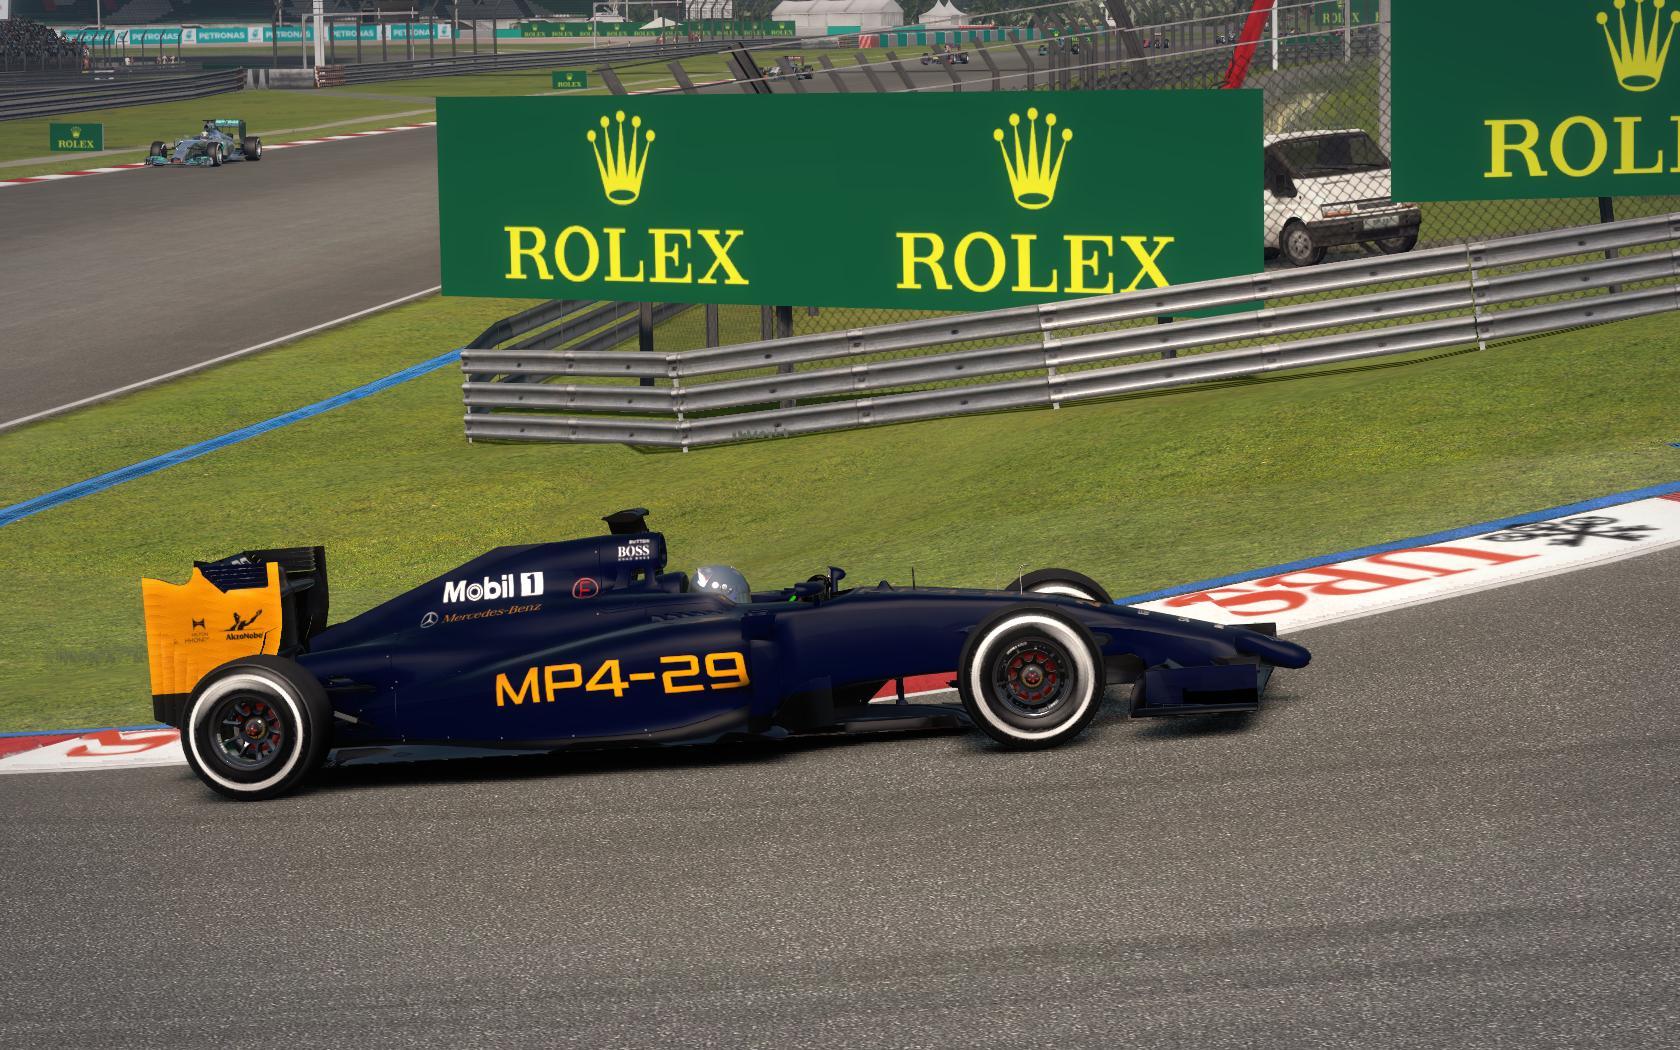 F1_2014 2016-04-16 13-11-55-02.jpg